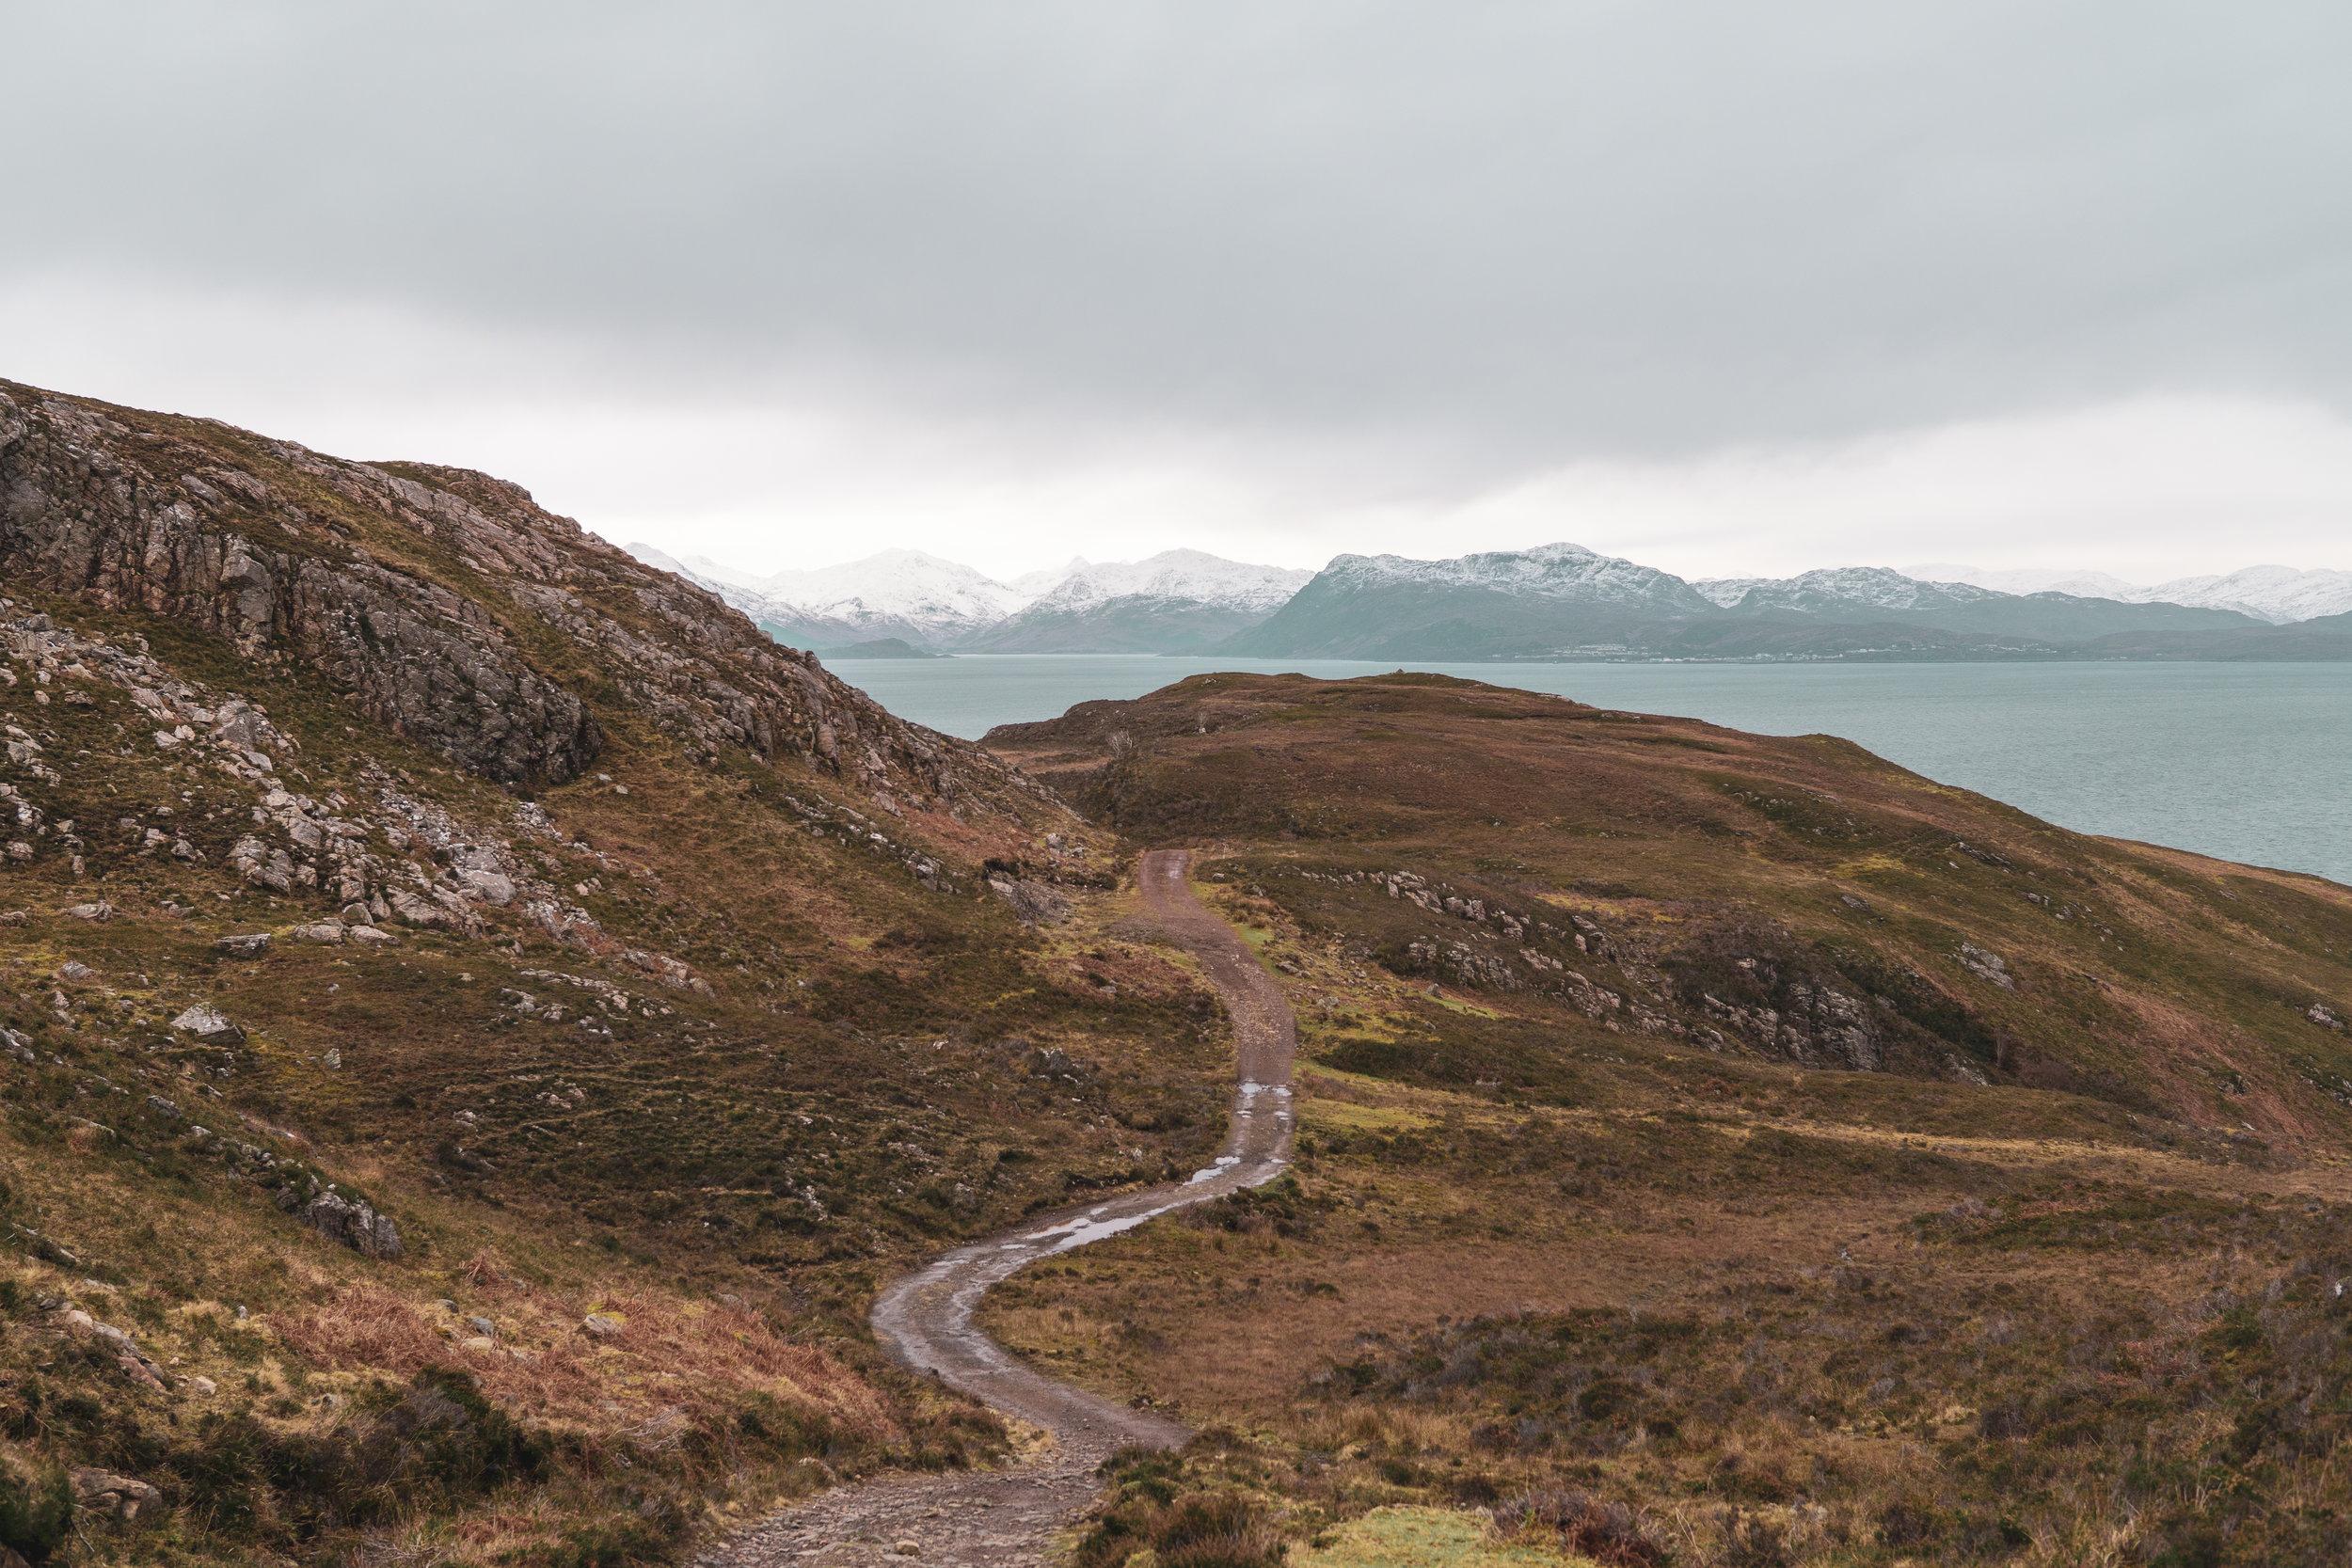 Isle-of-Skye-Point-of-Sleat (4).jpg